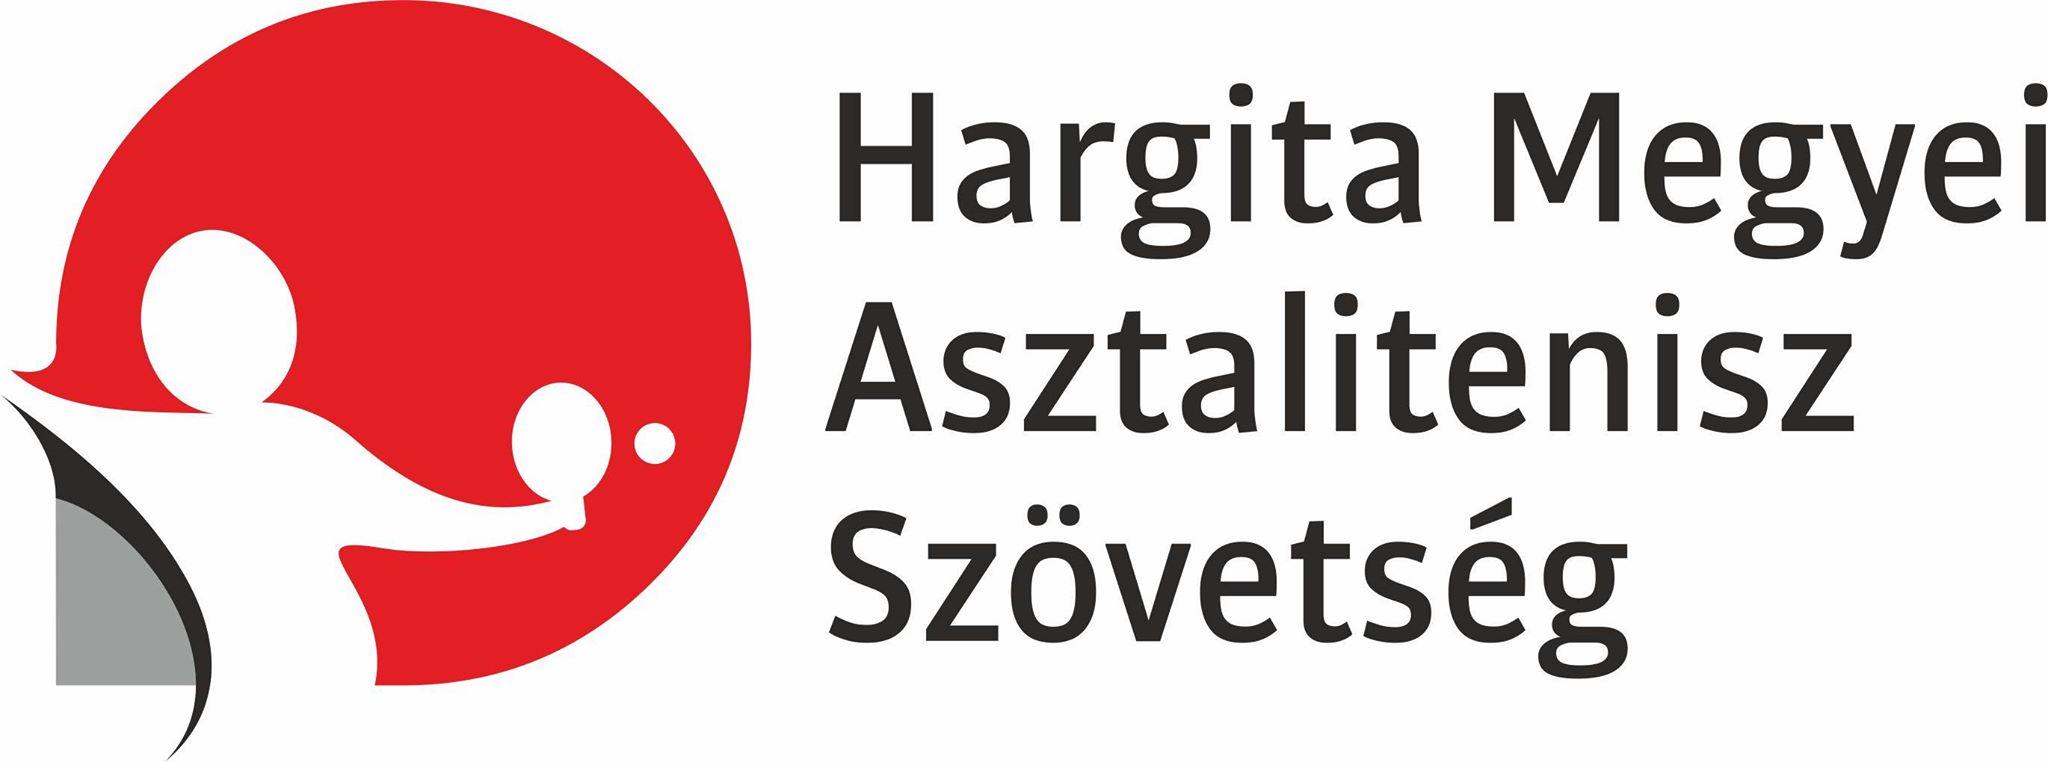 Hargita Megyei Asztalitenisz Szövetség